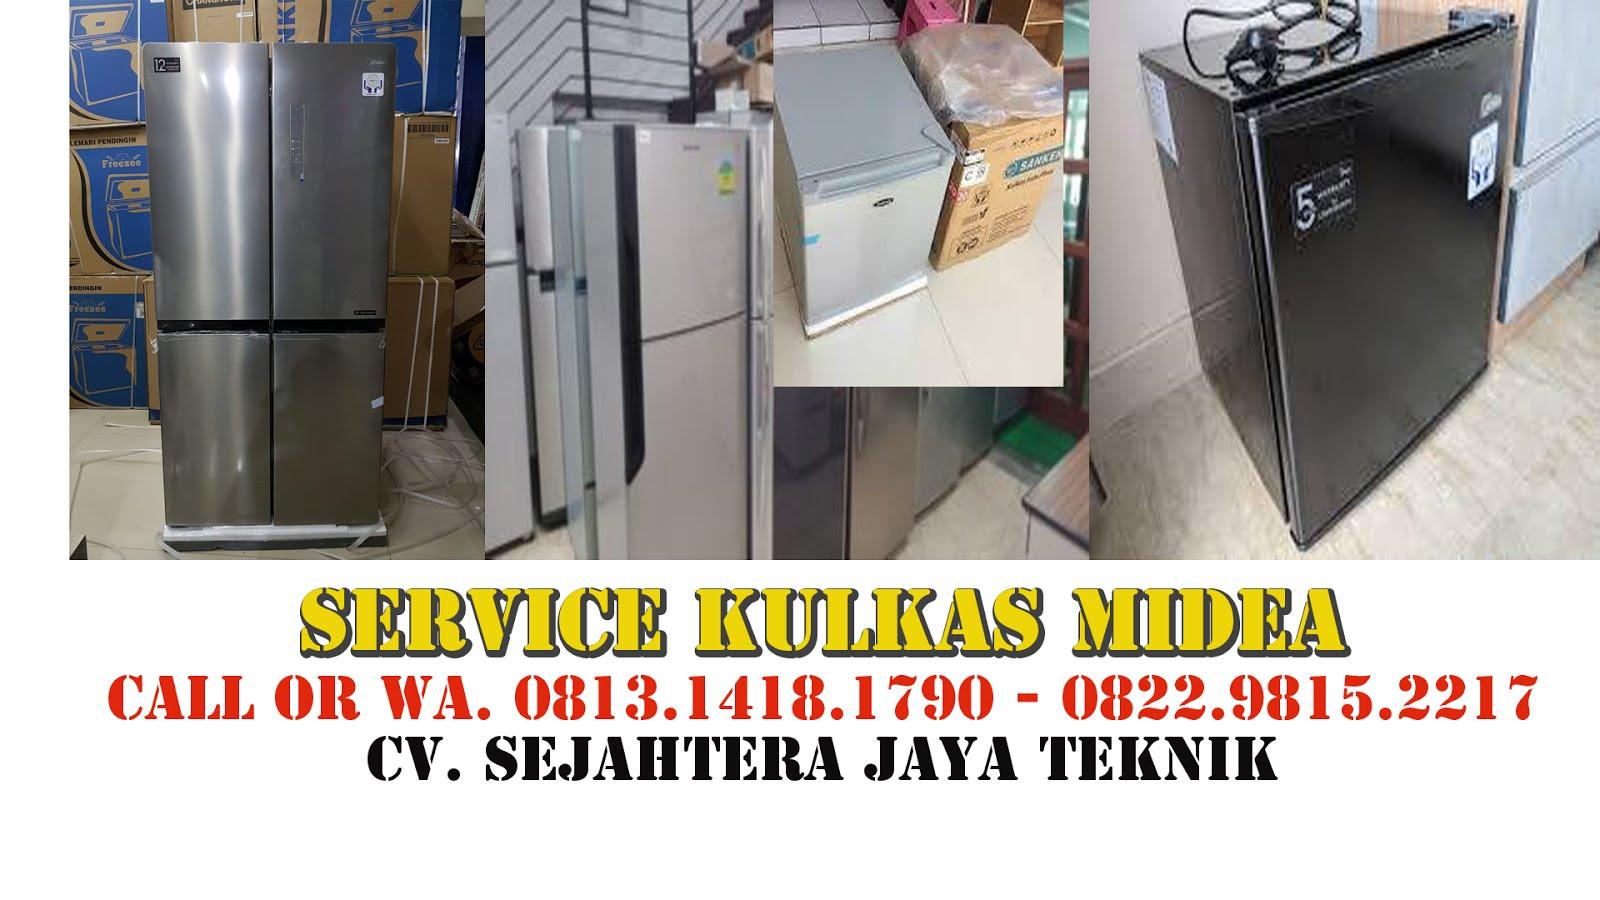 Service Kulkas Midea Jakarta Pusat